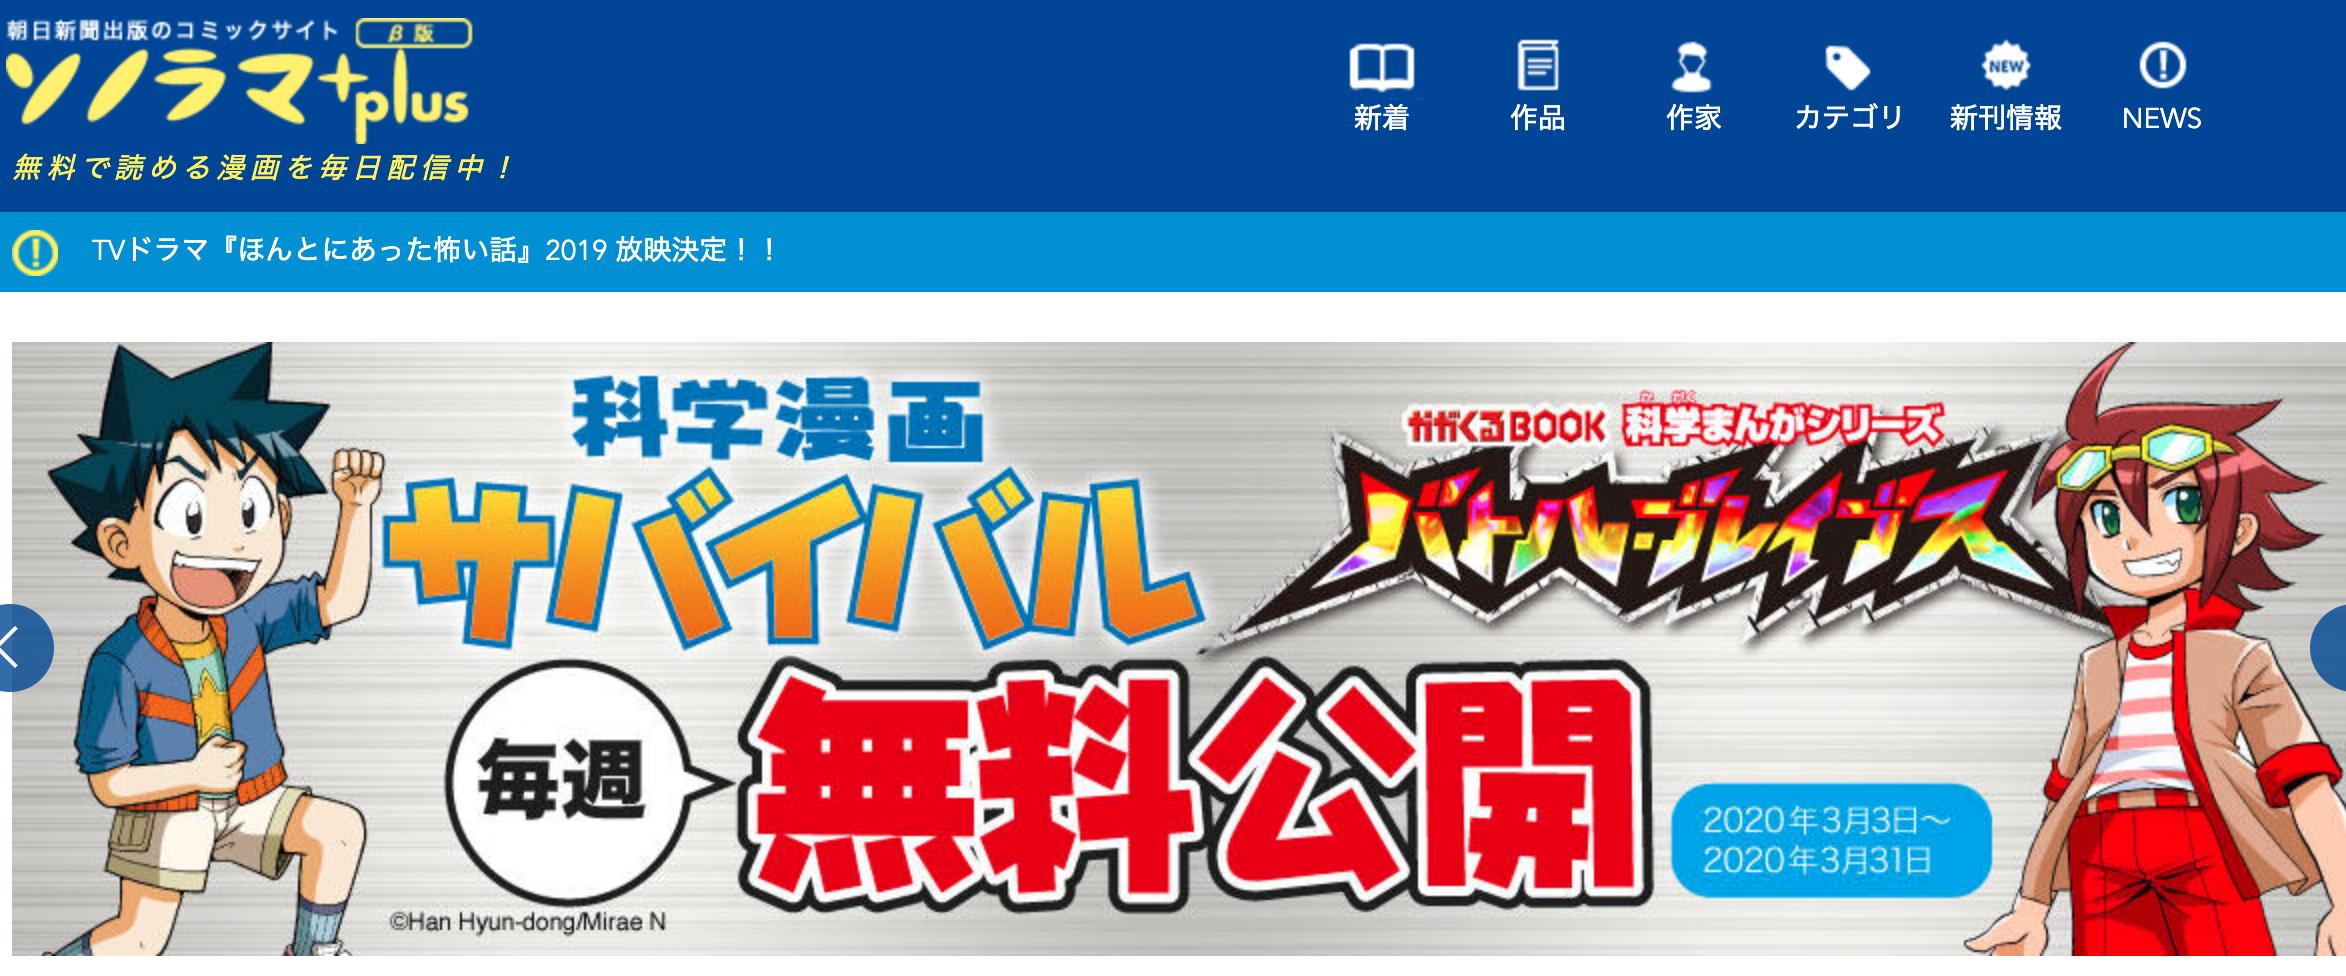 ソノラマ+plus(朝日新聞出版)